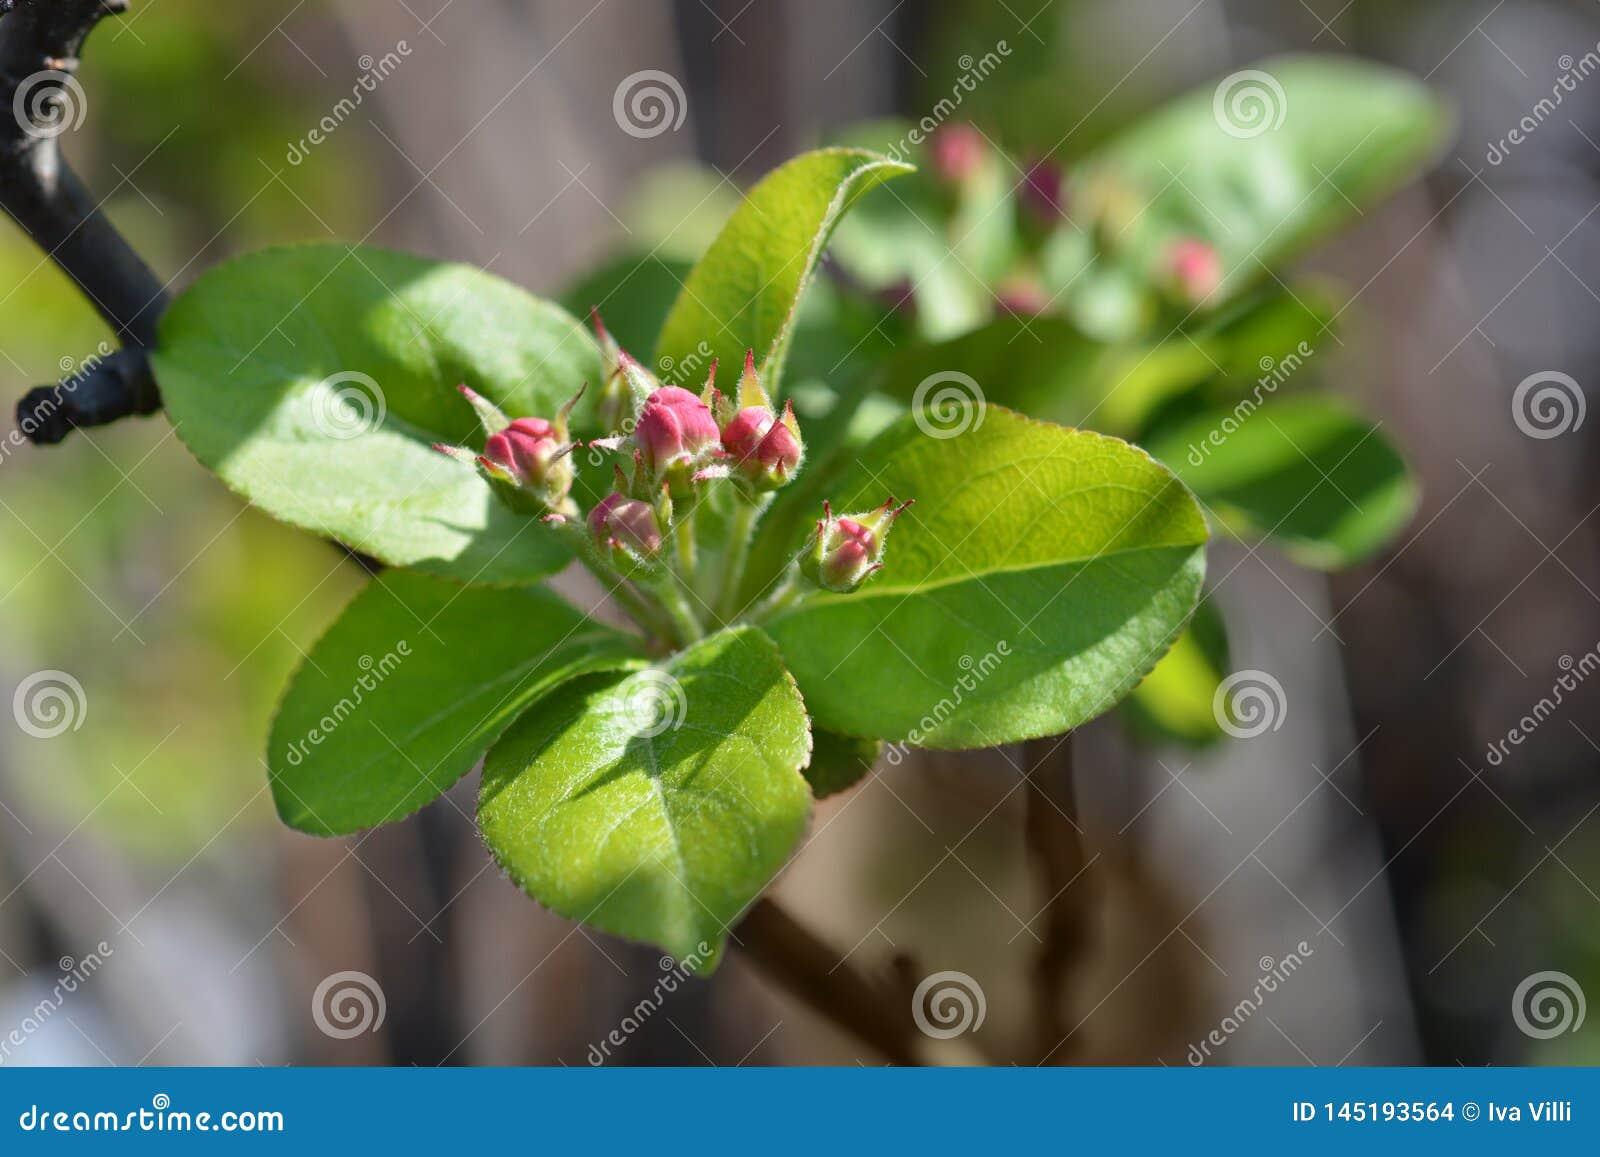 Pomme sauvage fleurissante japonaise